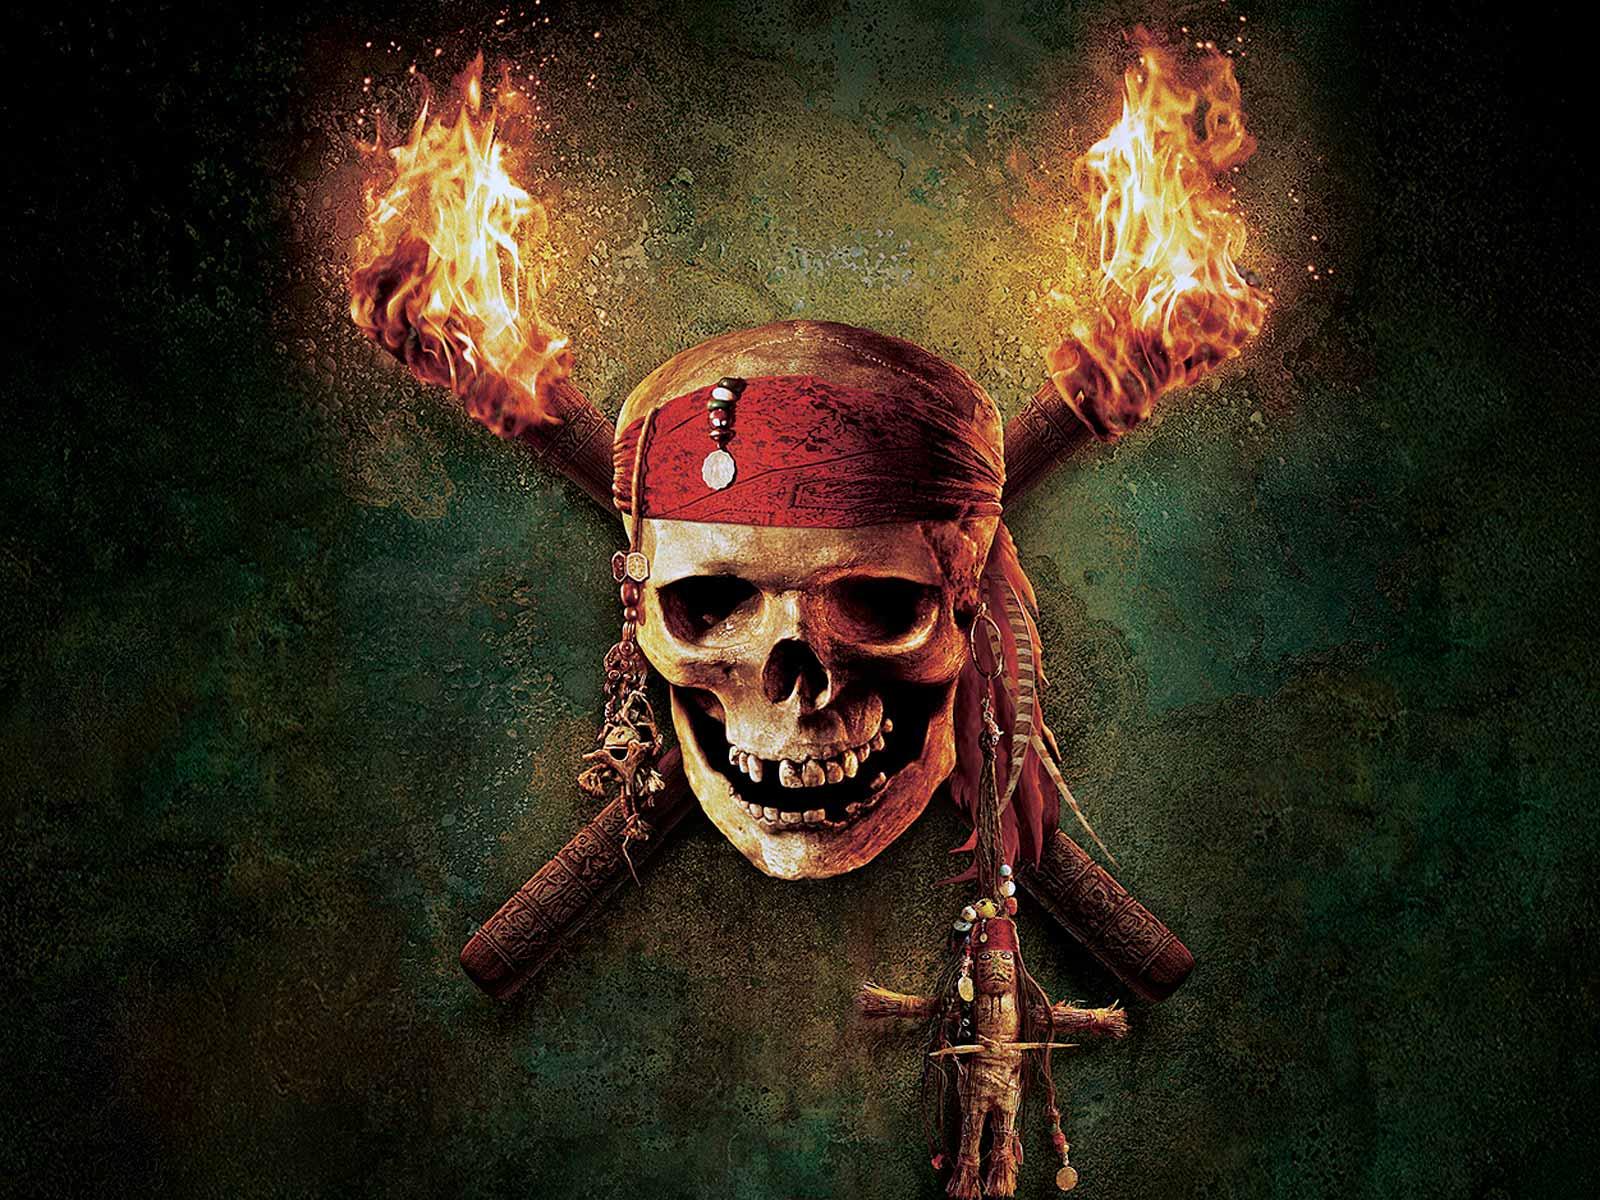 http://1.bp.blogspot.com/-_Z9lf28BFs8/Tni29DpZStI/AAAAAAAAAI4/4z8pLUCLViI/s1600/pirates.jpg